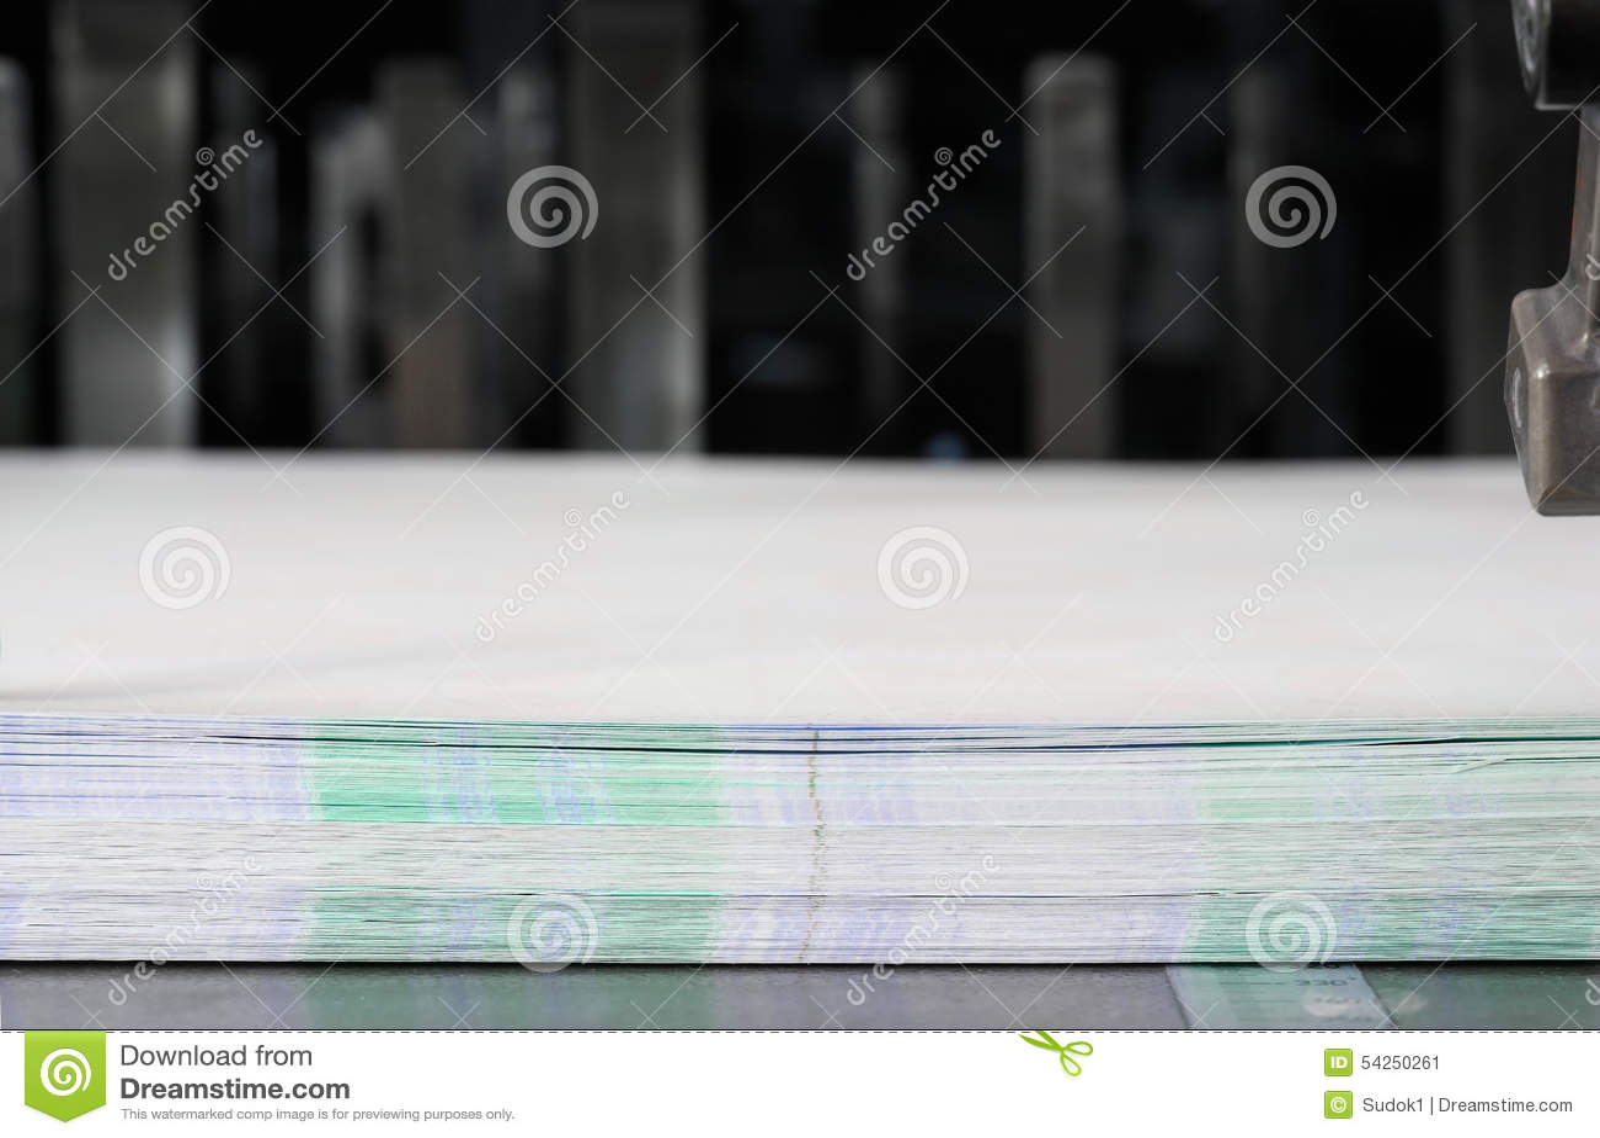 U colorado boulder essays